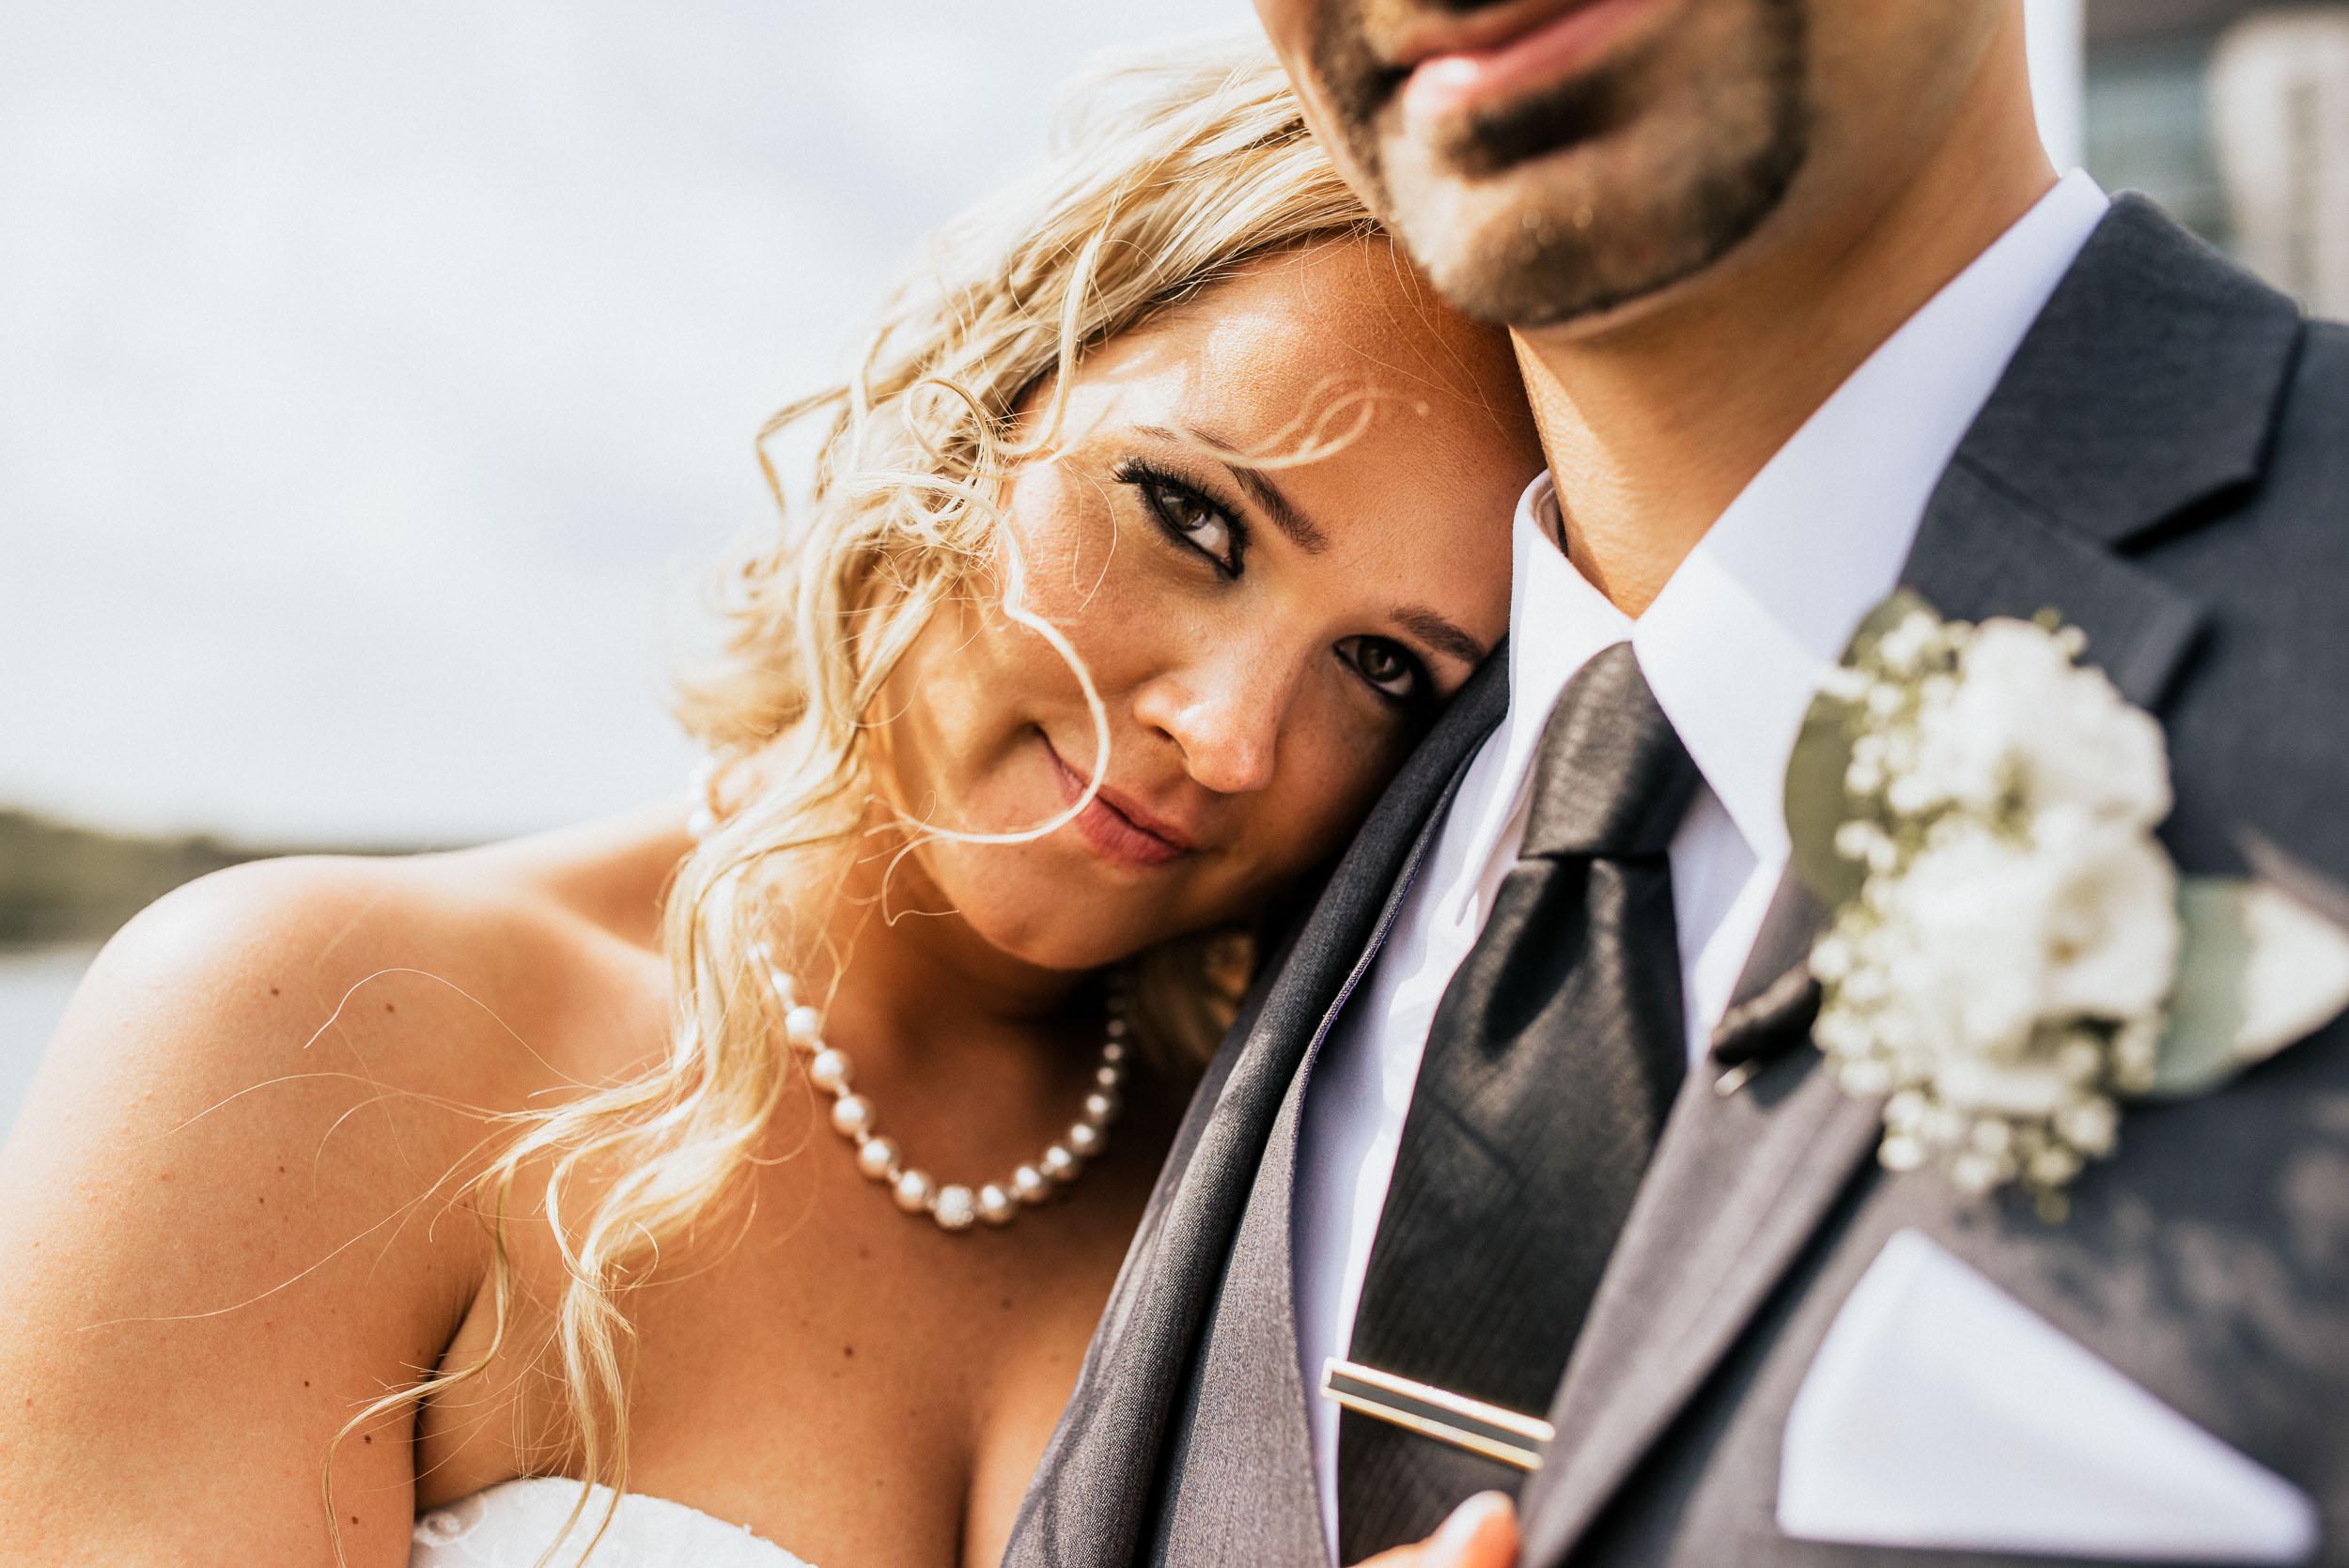 wedding-photography-stratford-davidiam-116.jpg